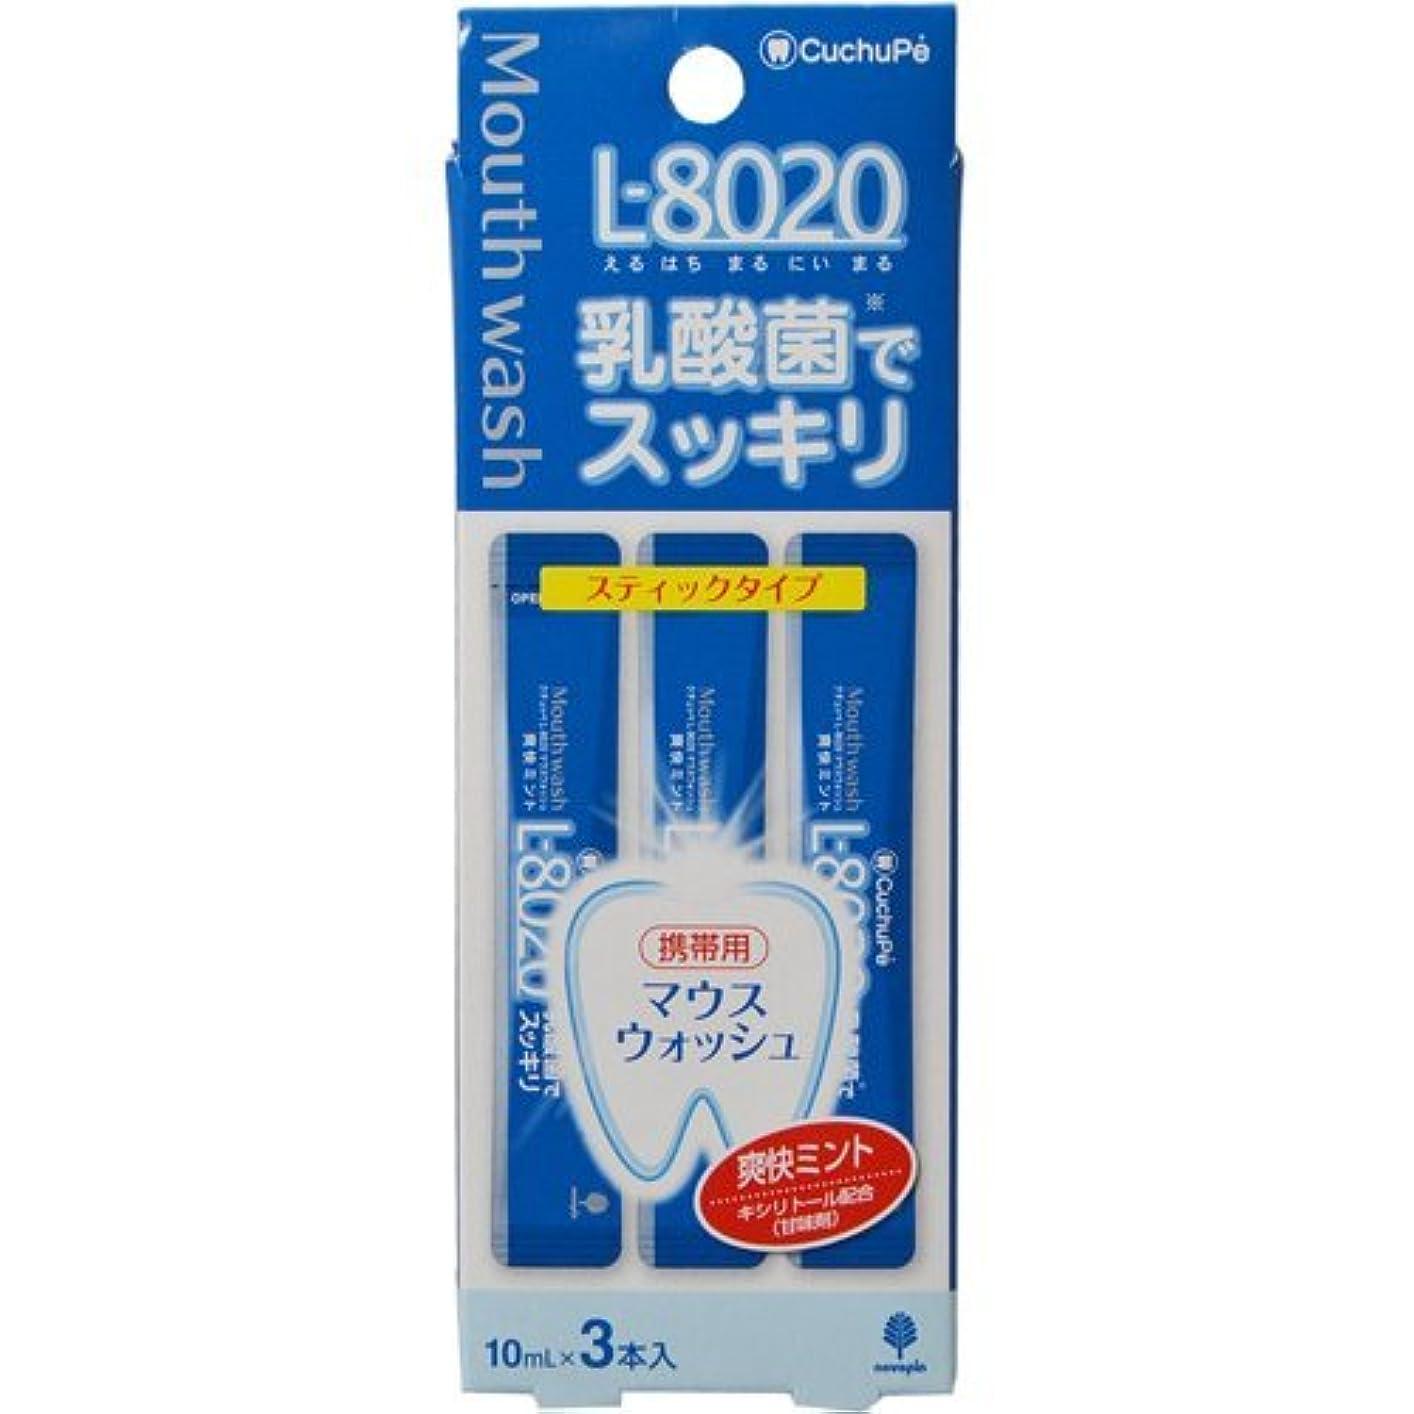 有力者同情複雑クチュッペL-8020爽快ミントスティックタイプ3本入(アルコール) 【まとめ買い10個セット】 K-7045